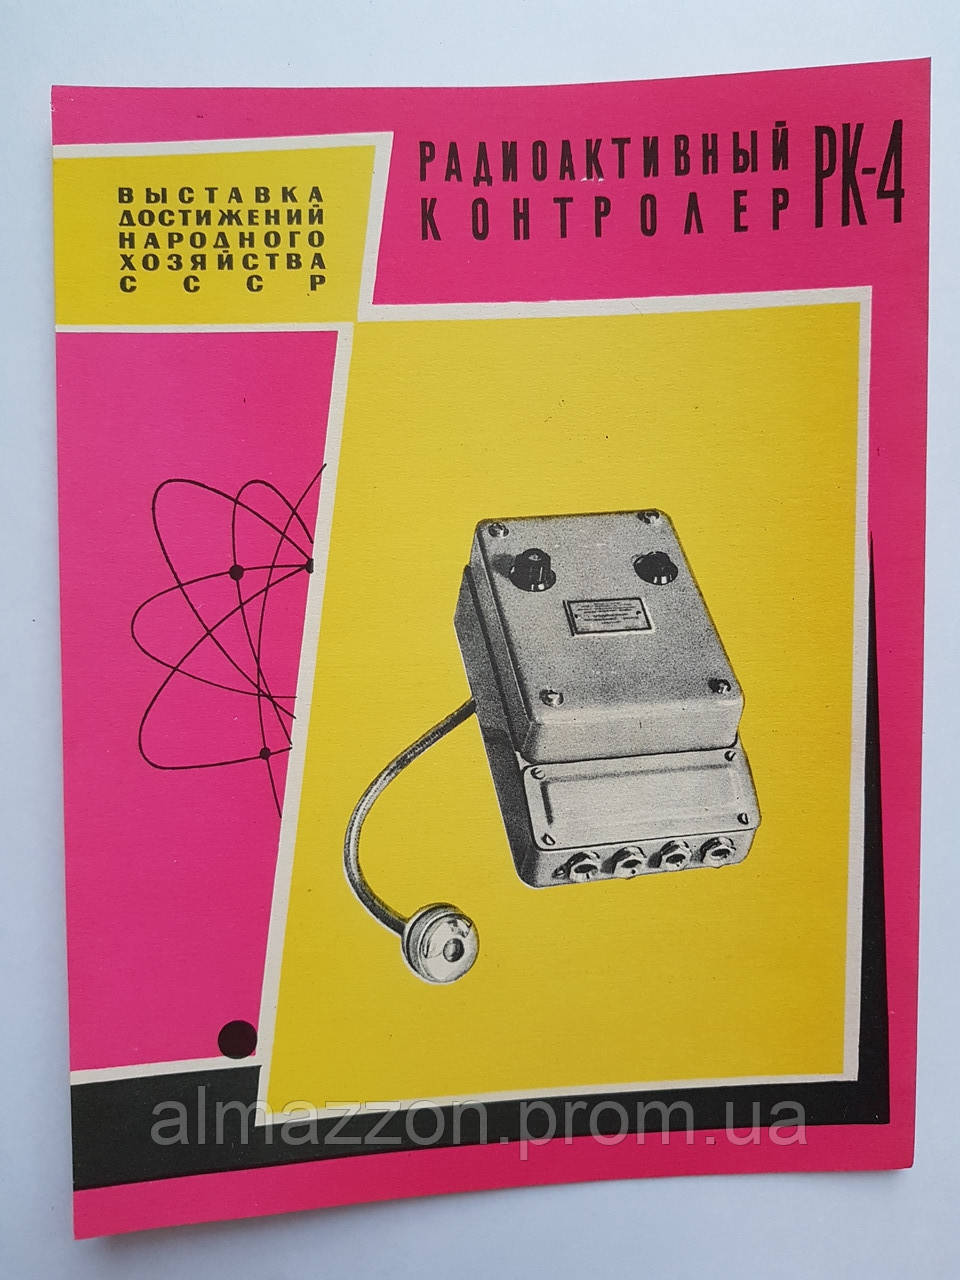 Реклама ВДНХ Радиоактивный контролер РК-4.